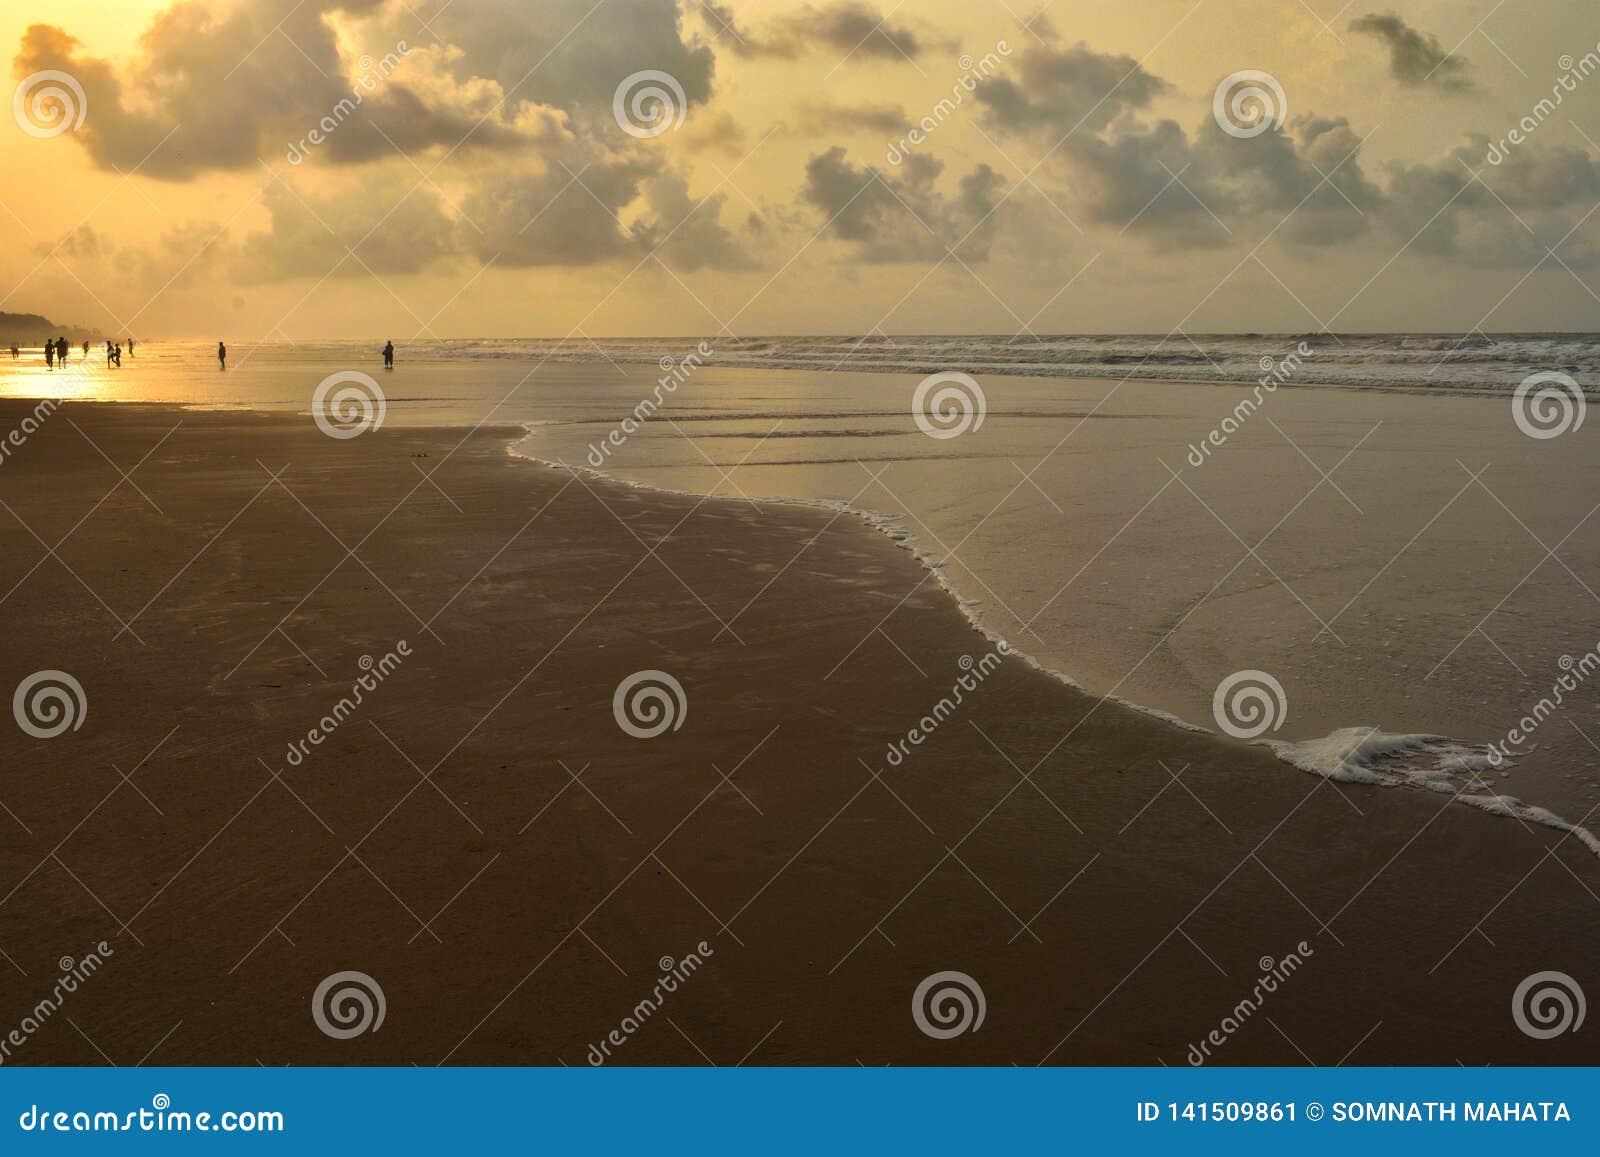 Foto av en havsstrand efter soluppgången